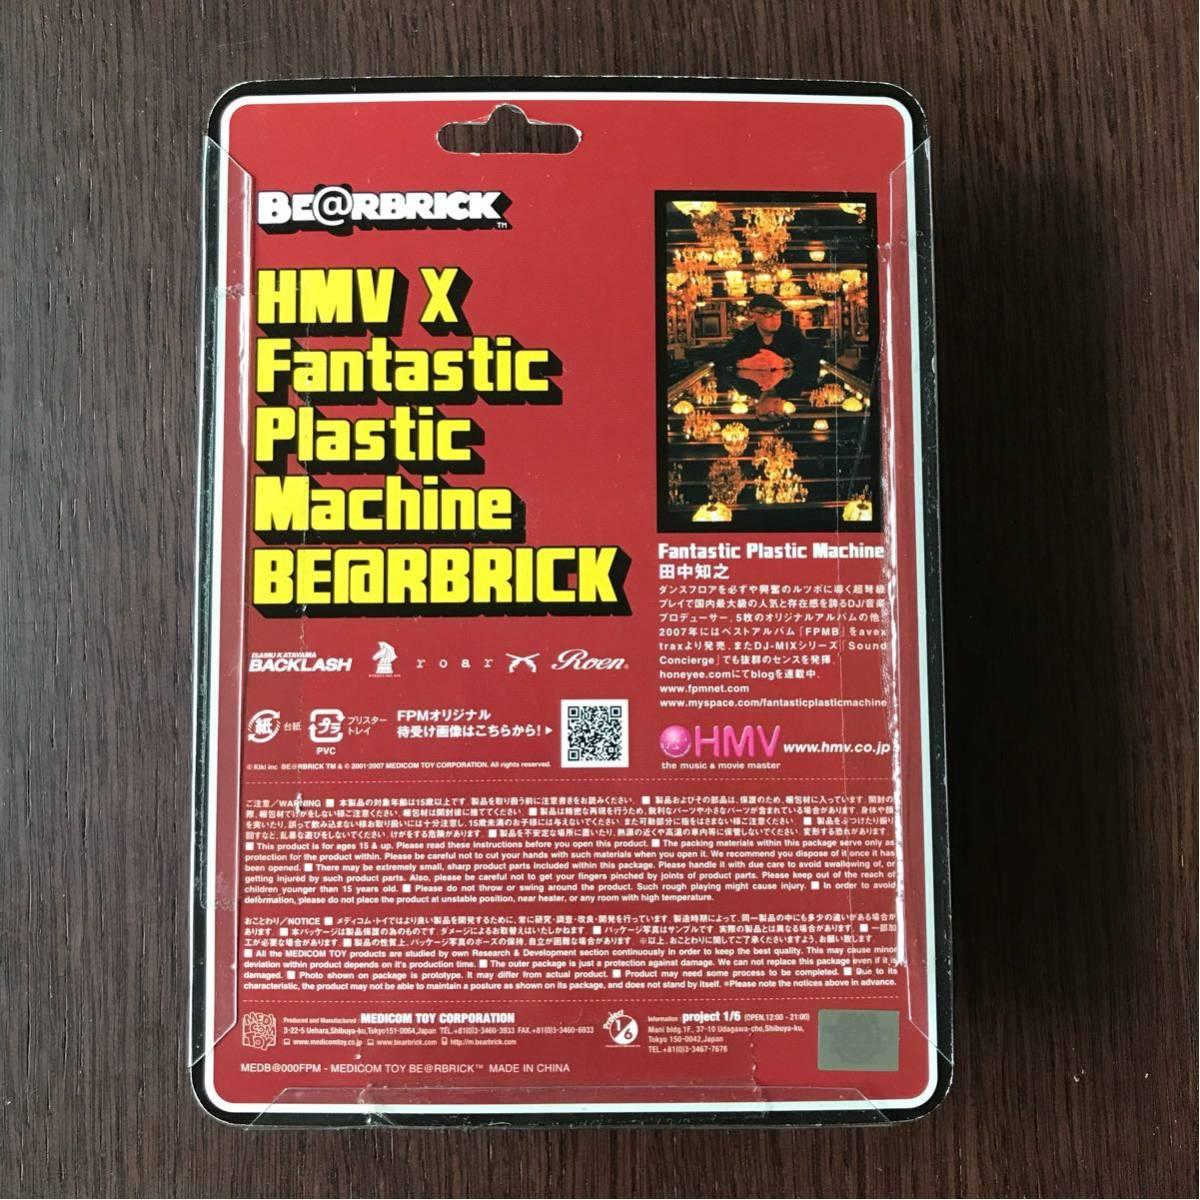 新品未開封 FPM × roar roen 田中知之 HMV限定 ロアー ロエン Fantastic Plastic Maschine ベアブリック BE@RBRICK 100%_画像2